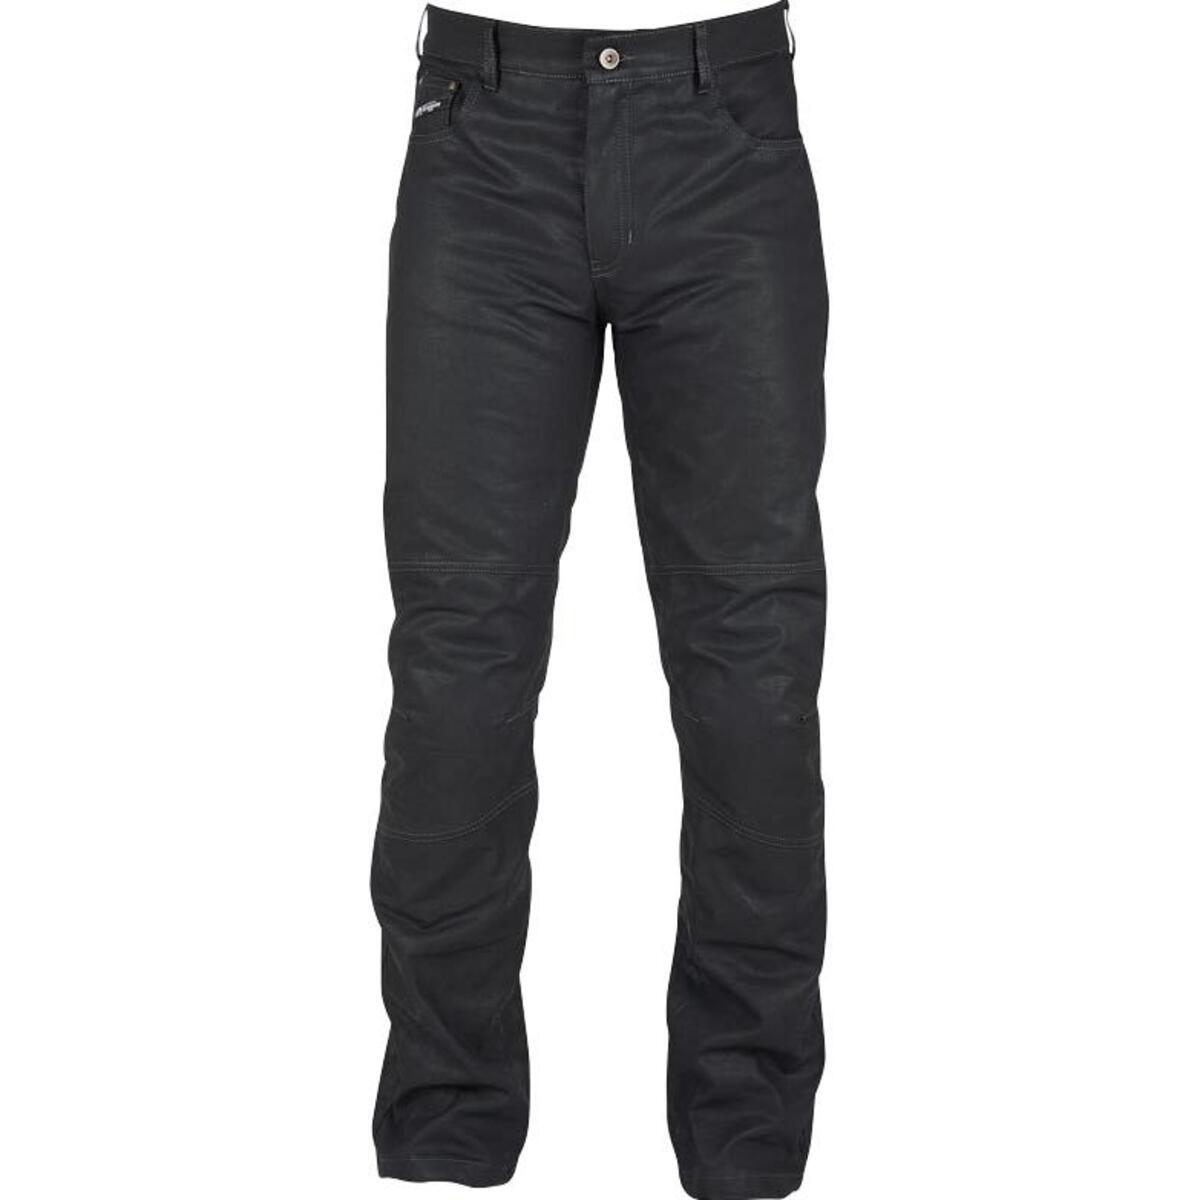 Bild 2 von Furygan Jeans D02 Oil schwarz Herren Größe 48